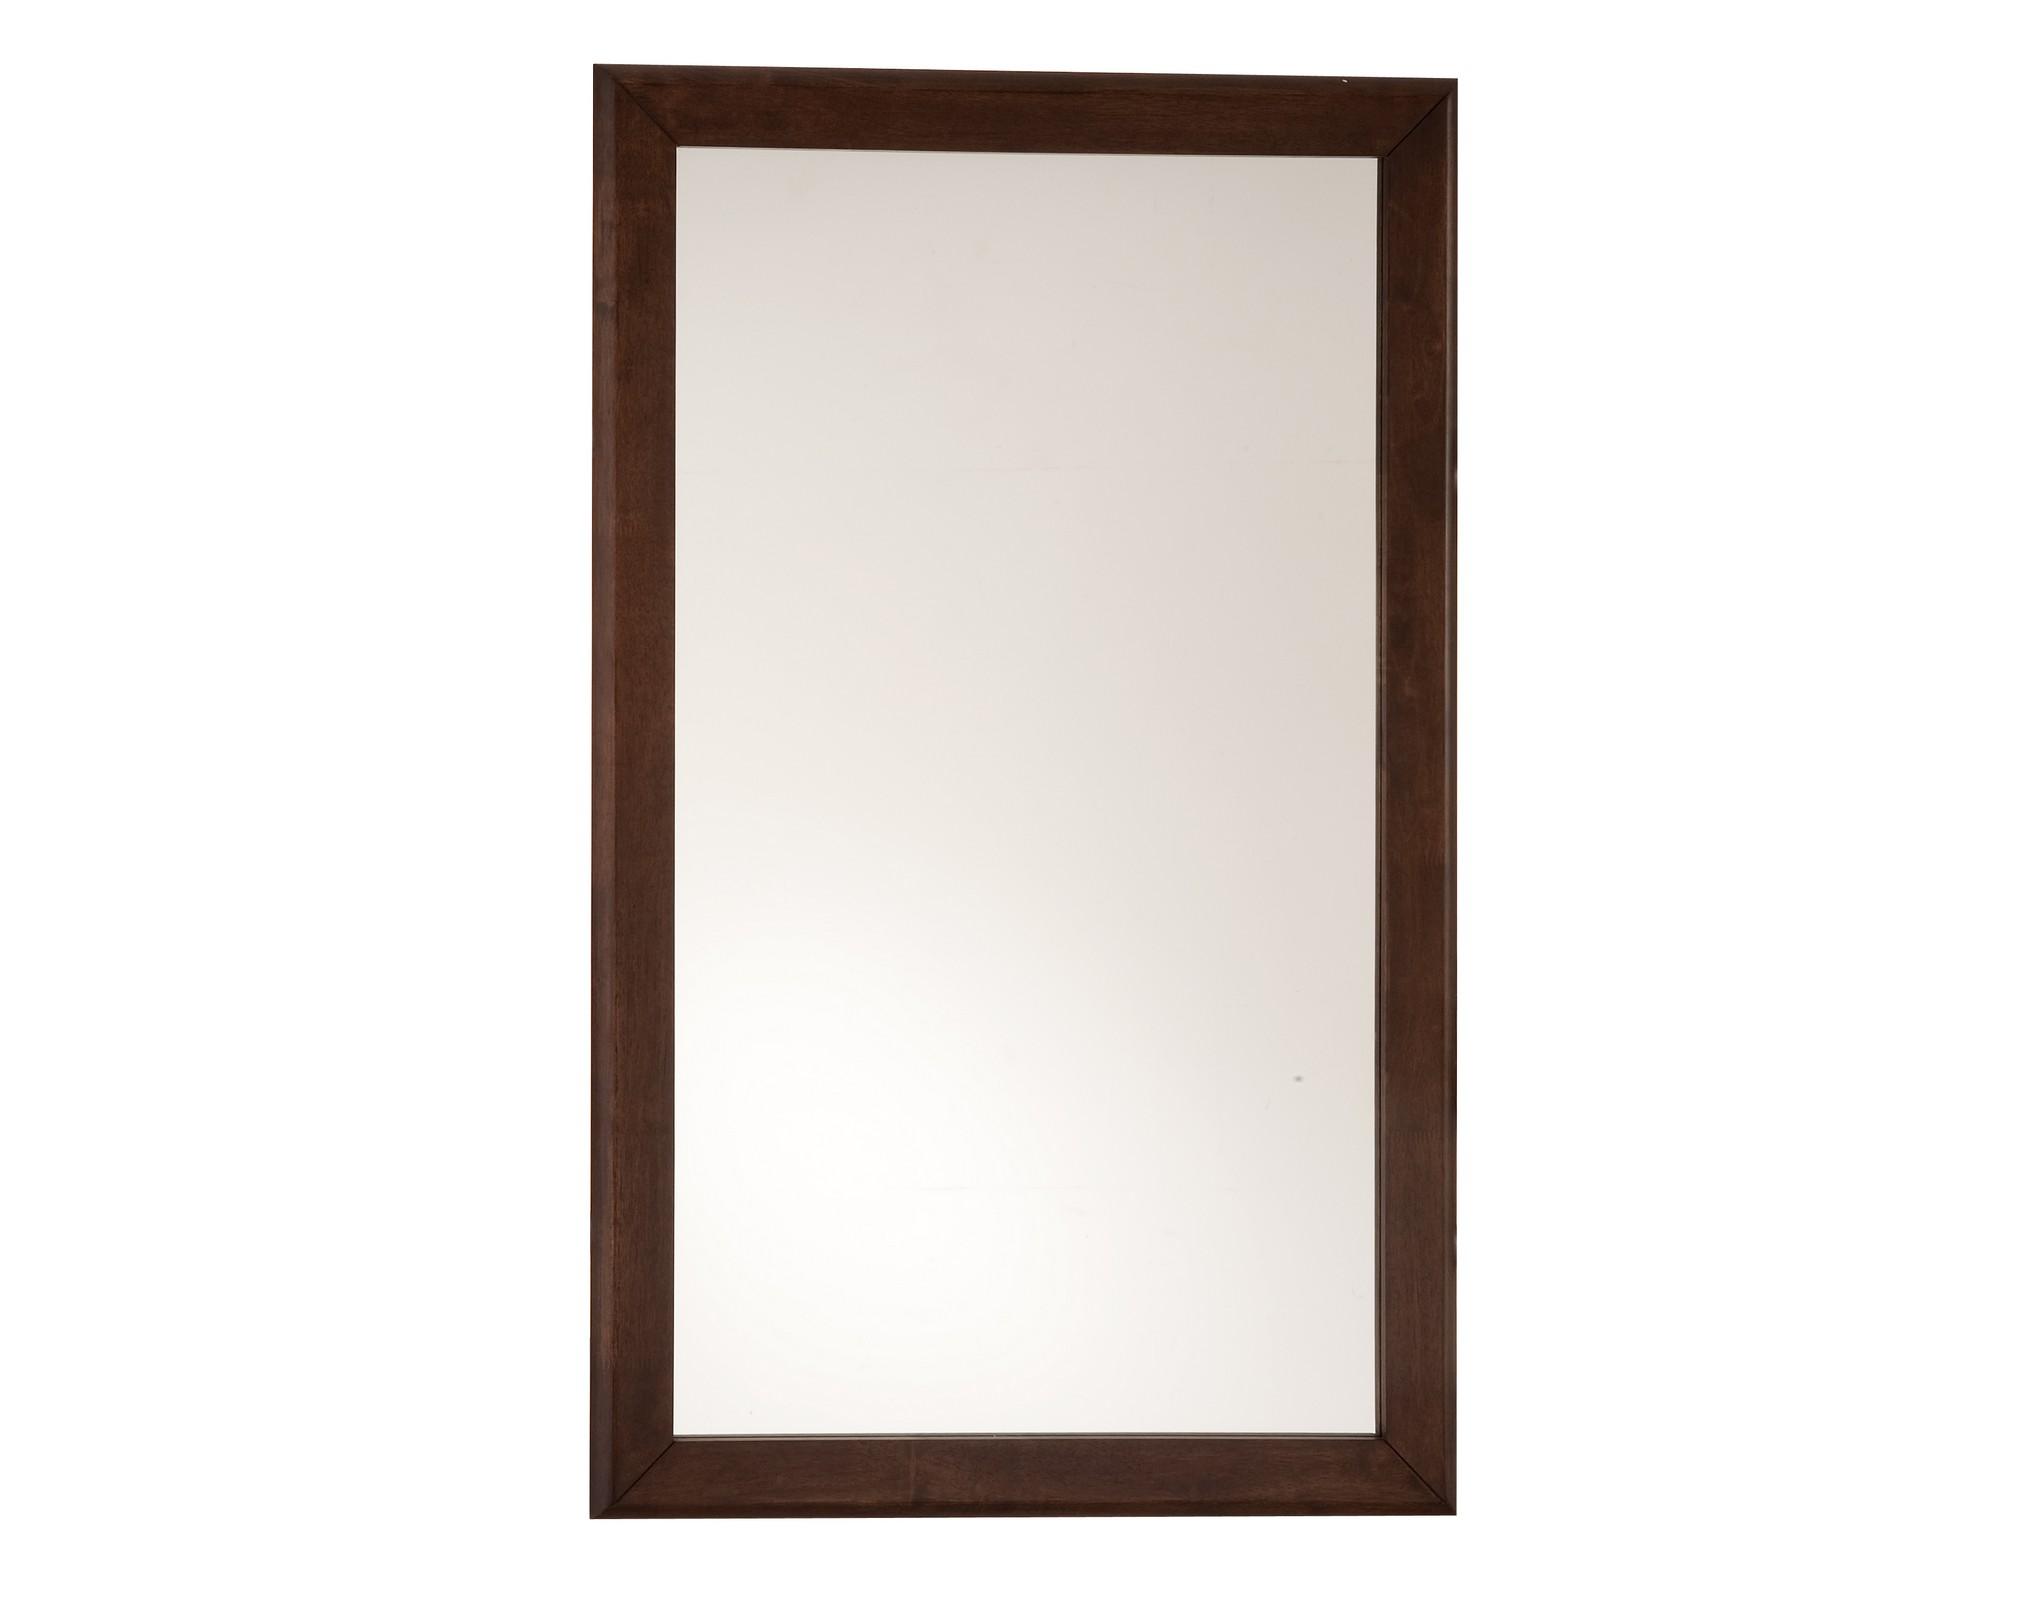 Зеркало БудущееНастенные зеркала<br>Зеркало &amp;quot;Будущее&amp;quot; визуально сделает комнату просторнее и светлее. Зеркало отлично впишется в строгий и выдержанный интерьер.<br>Рама выполнена из дерева.<br><br>Material: Дерево<br>Width см: 75<br>Depth см: 2<br>Height см: 120